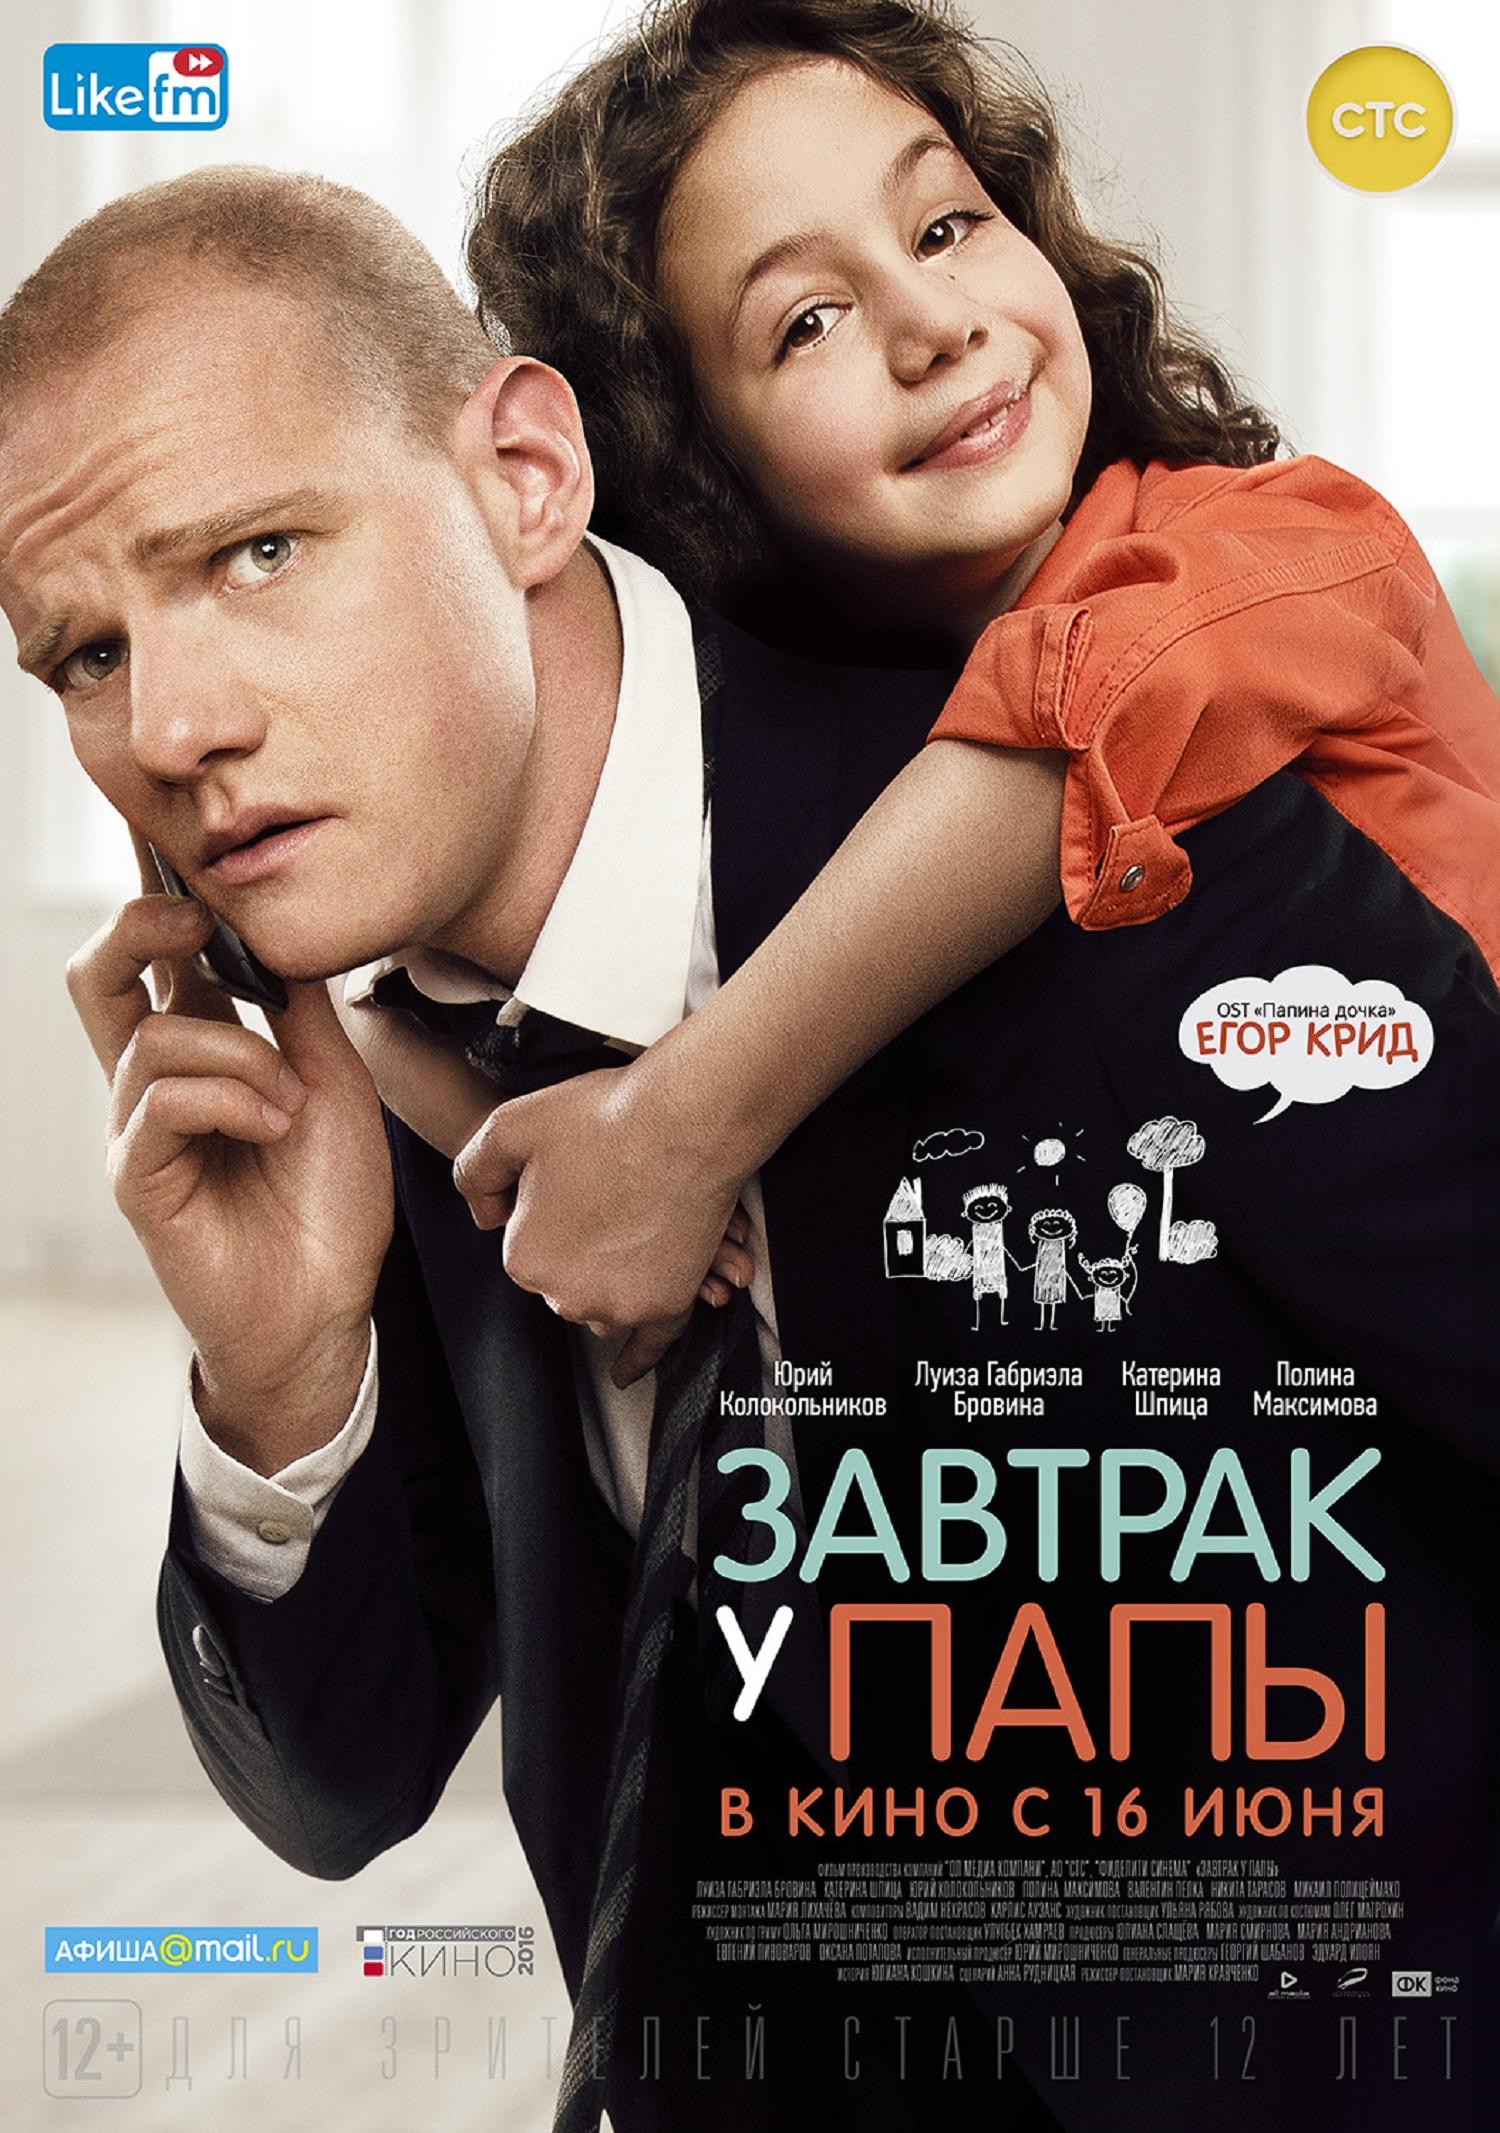 Pavel Priluchny spun the novel on the set 28.04.2011 36